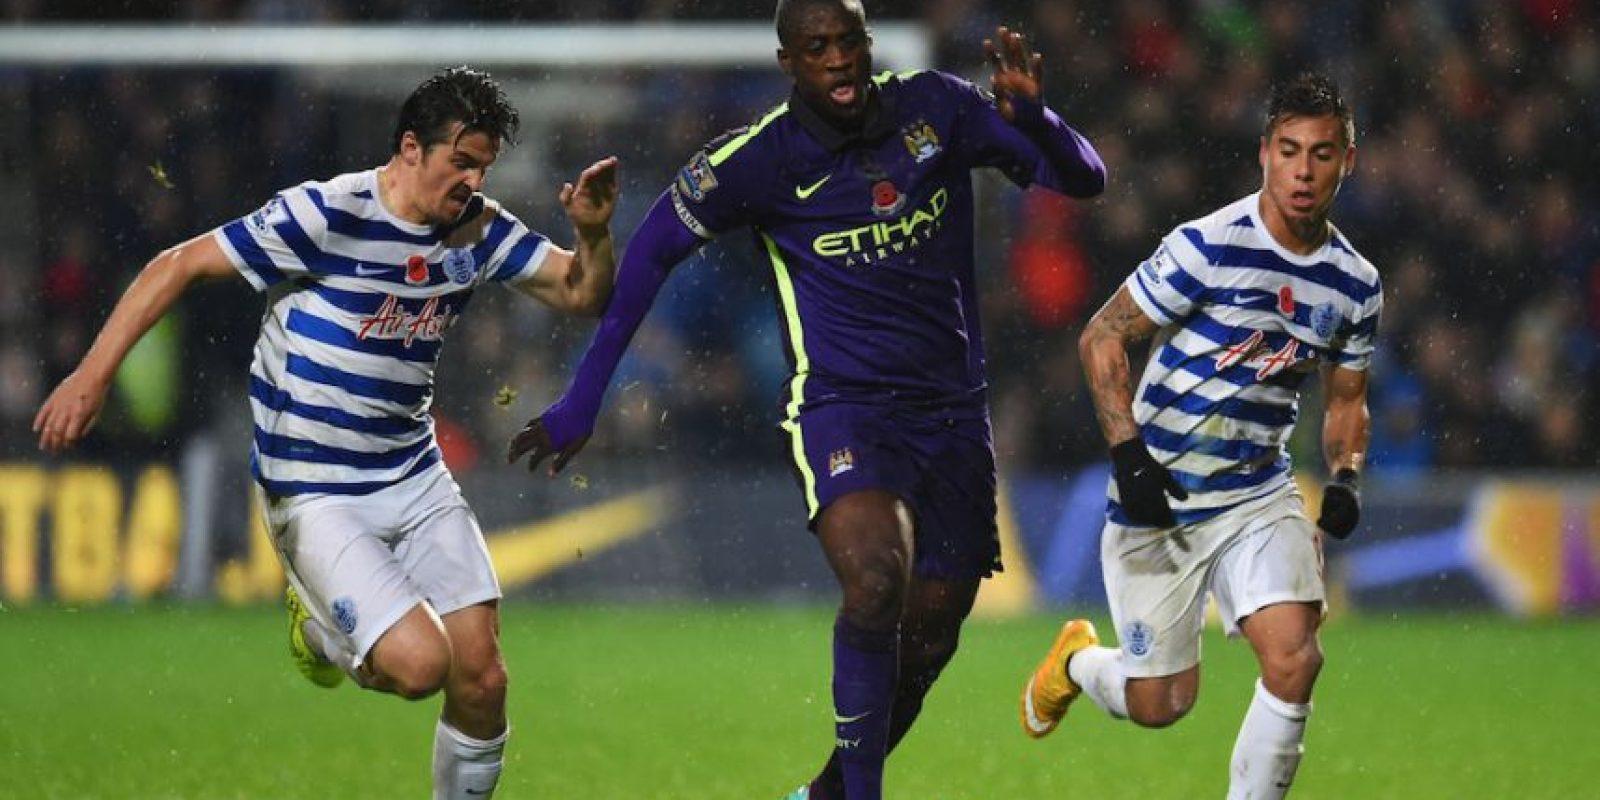 En los estadios de la Premier League inglesa no hay una reja entre la cancha y los aficionados. Foto:Getty Images